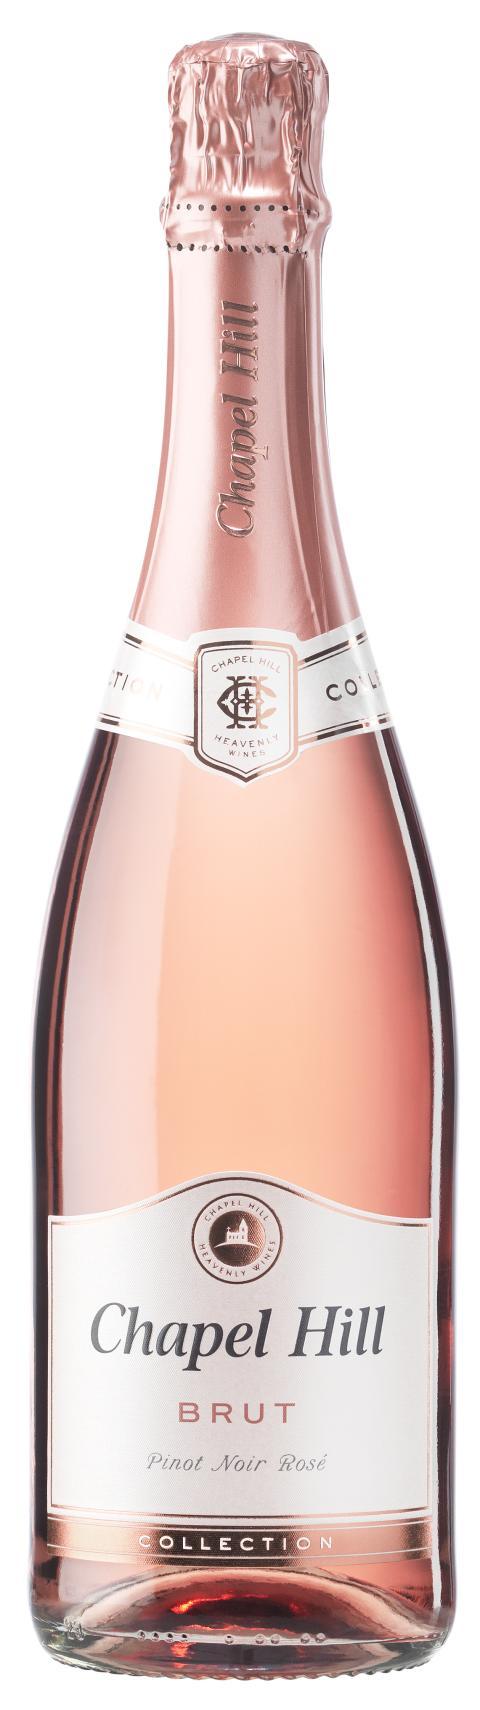 Chapel Hill Brut Pinot Noir Rosé relanseras i ny design